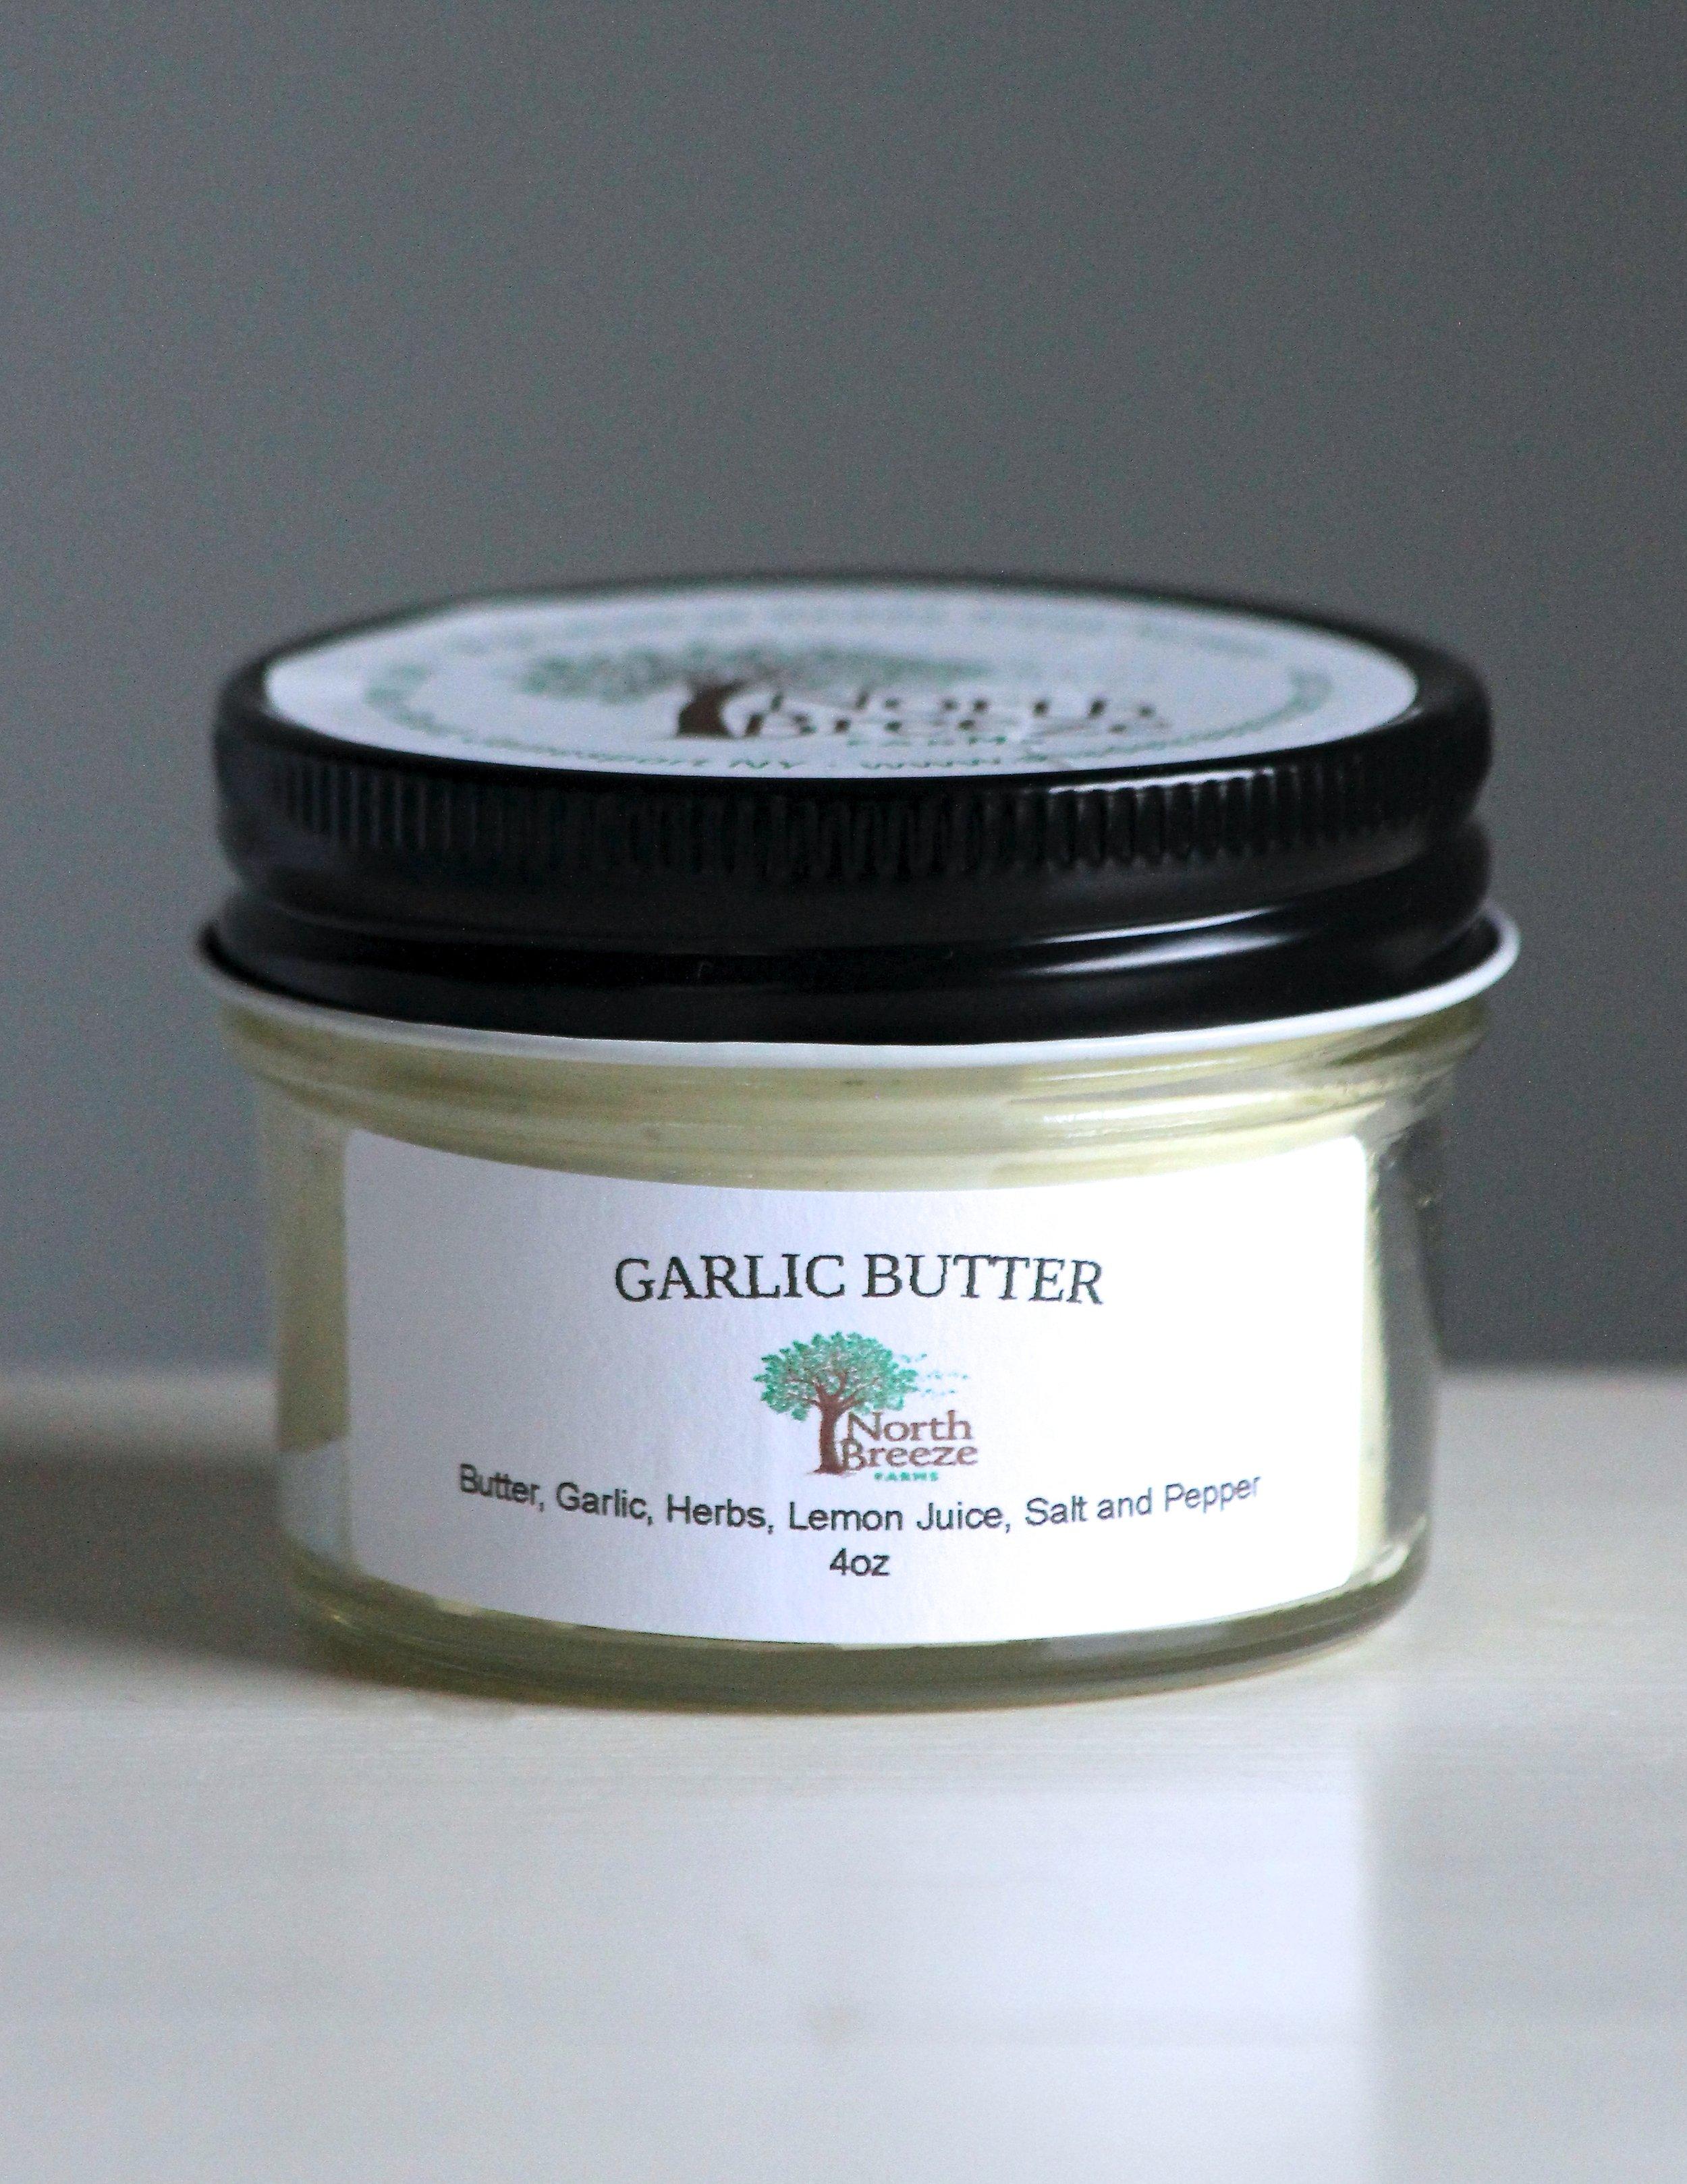 Garlic Butter 4oz $6.50